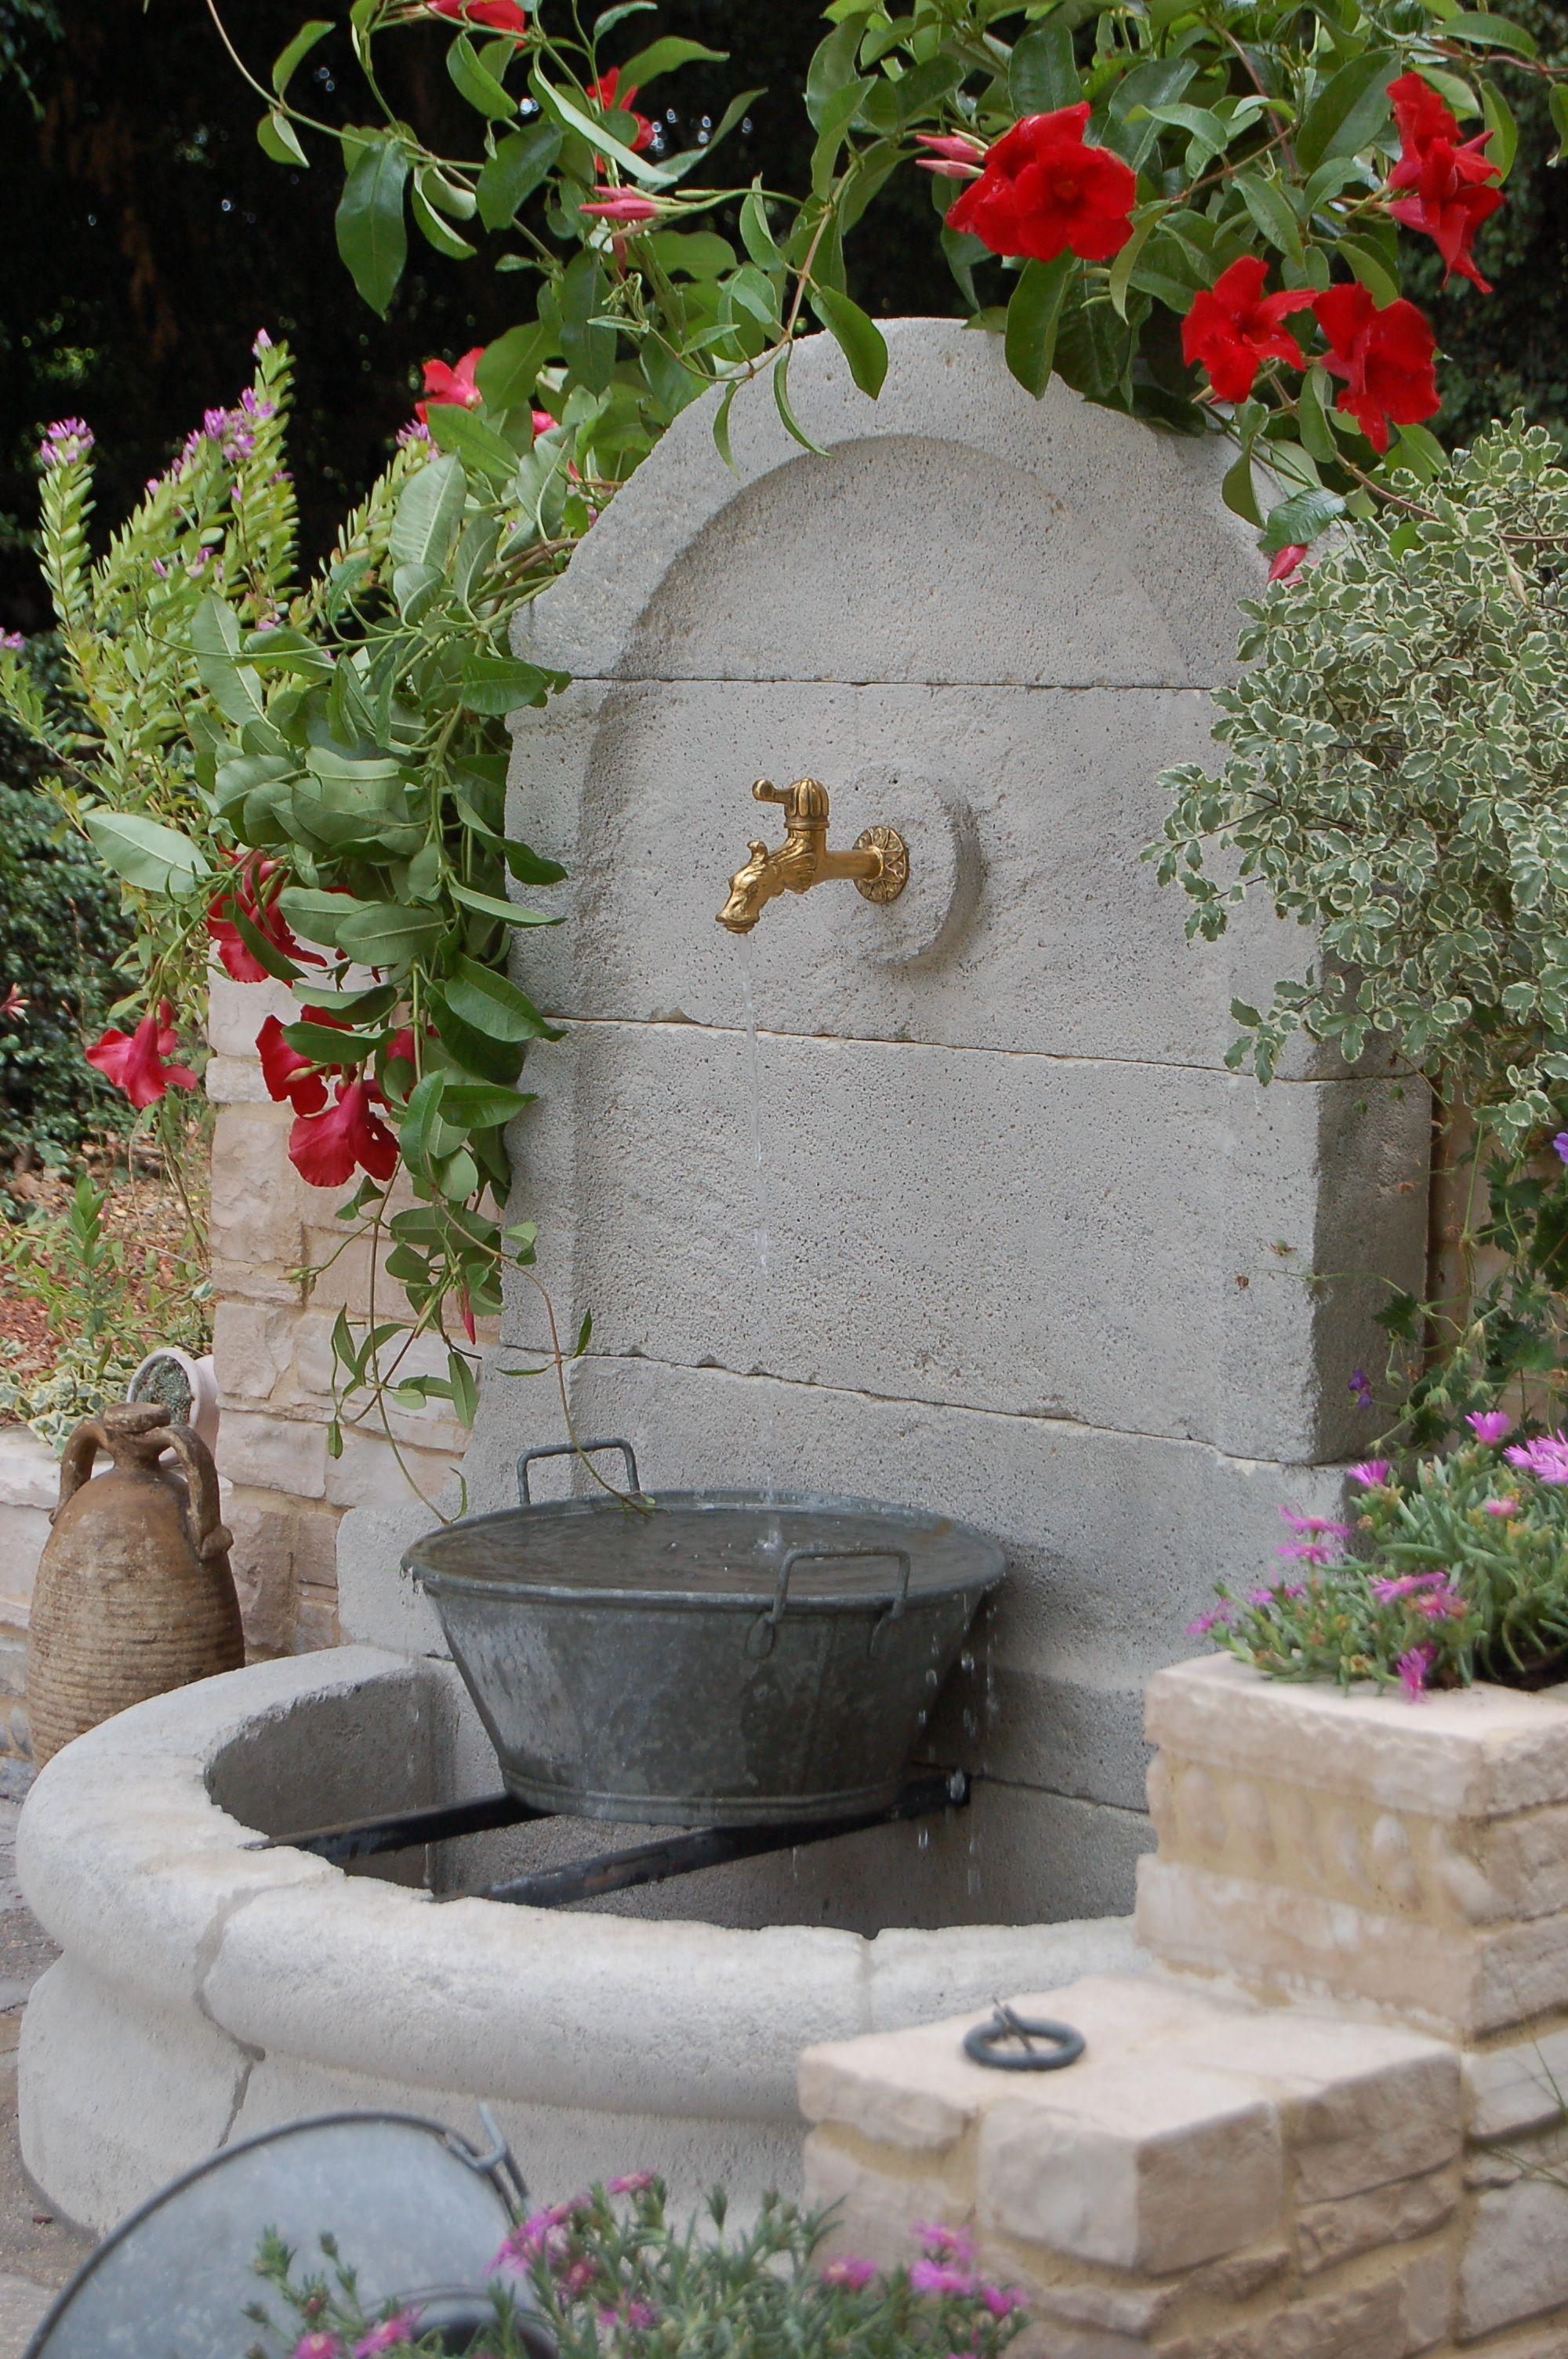 Modèle De Bassin De Jardin en ce qui concerne img.deco.fr photo 07359703-photo-fontaine | u vrtu | pinterest